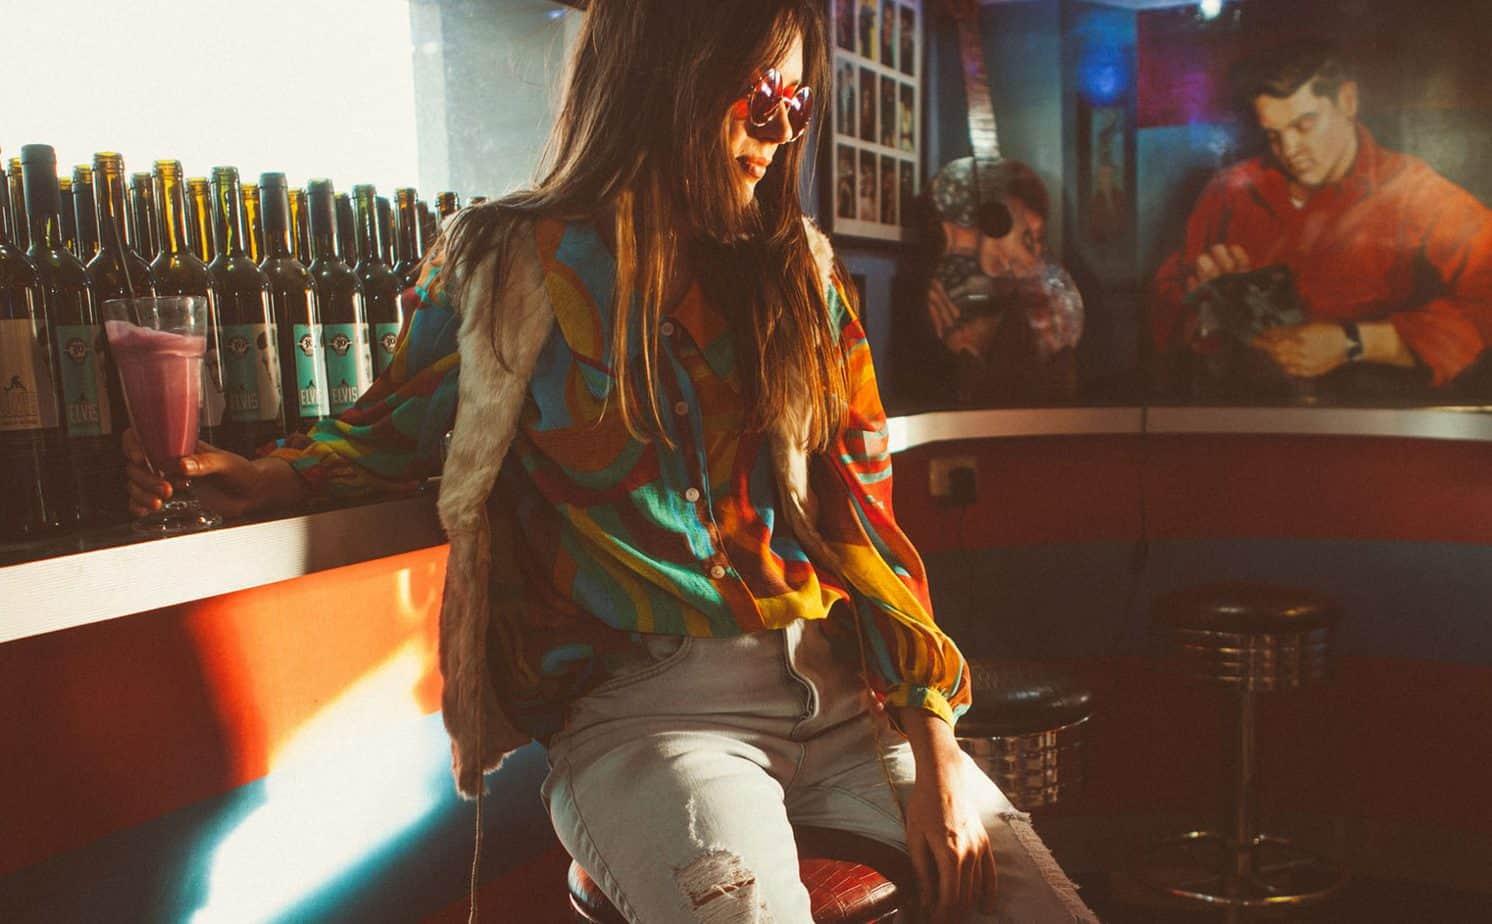 חולצה אוסף פרטי, וסט אוסף פרטי, ג'ינס forever21 , משקפיים עץ המשקפיים, צילום: אופל פרץ, סטיילינג:רוזיטה פרץ ברגר - בוגרת שנקר, החוג לסטיילינג, דוגמנית: אסתר שוורצמן,אופנה, חדשות אופנה, כתבות אופנה, Fashiom Magazine, Fashion, Efifo ,מגזין אופנה, מגזין אופנה ישראלי, מגזיני אופנה ישראלים -11